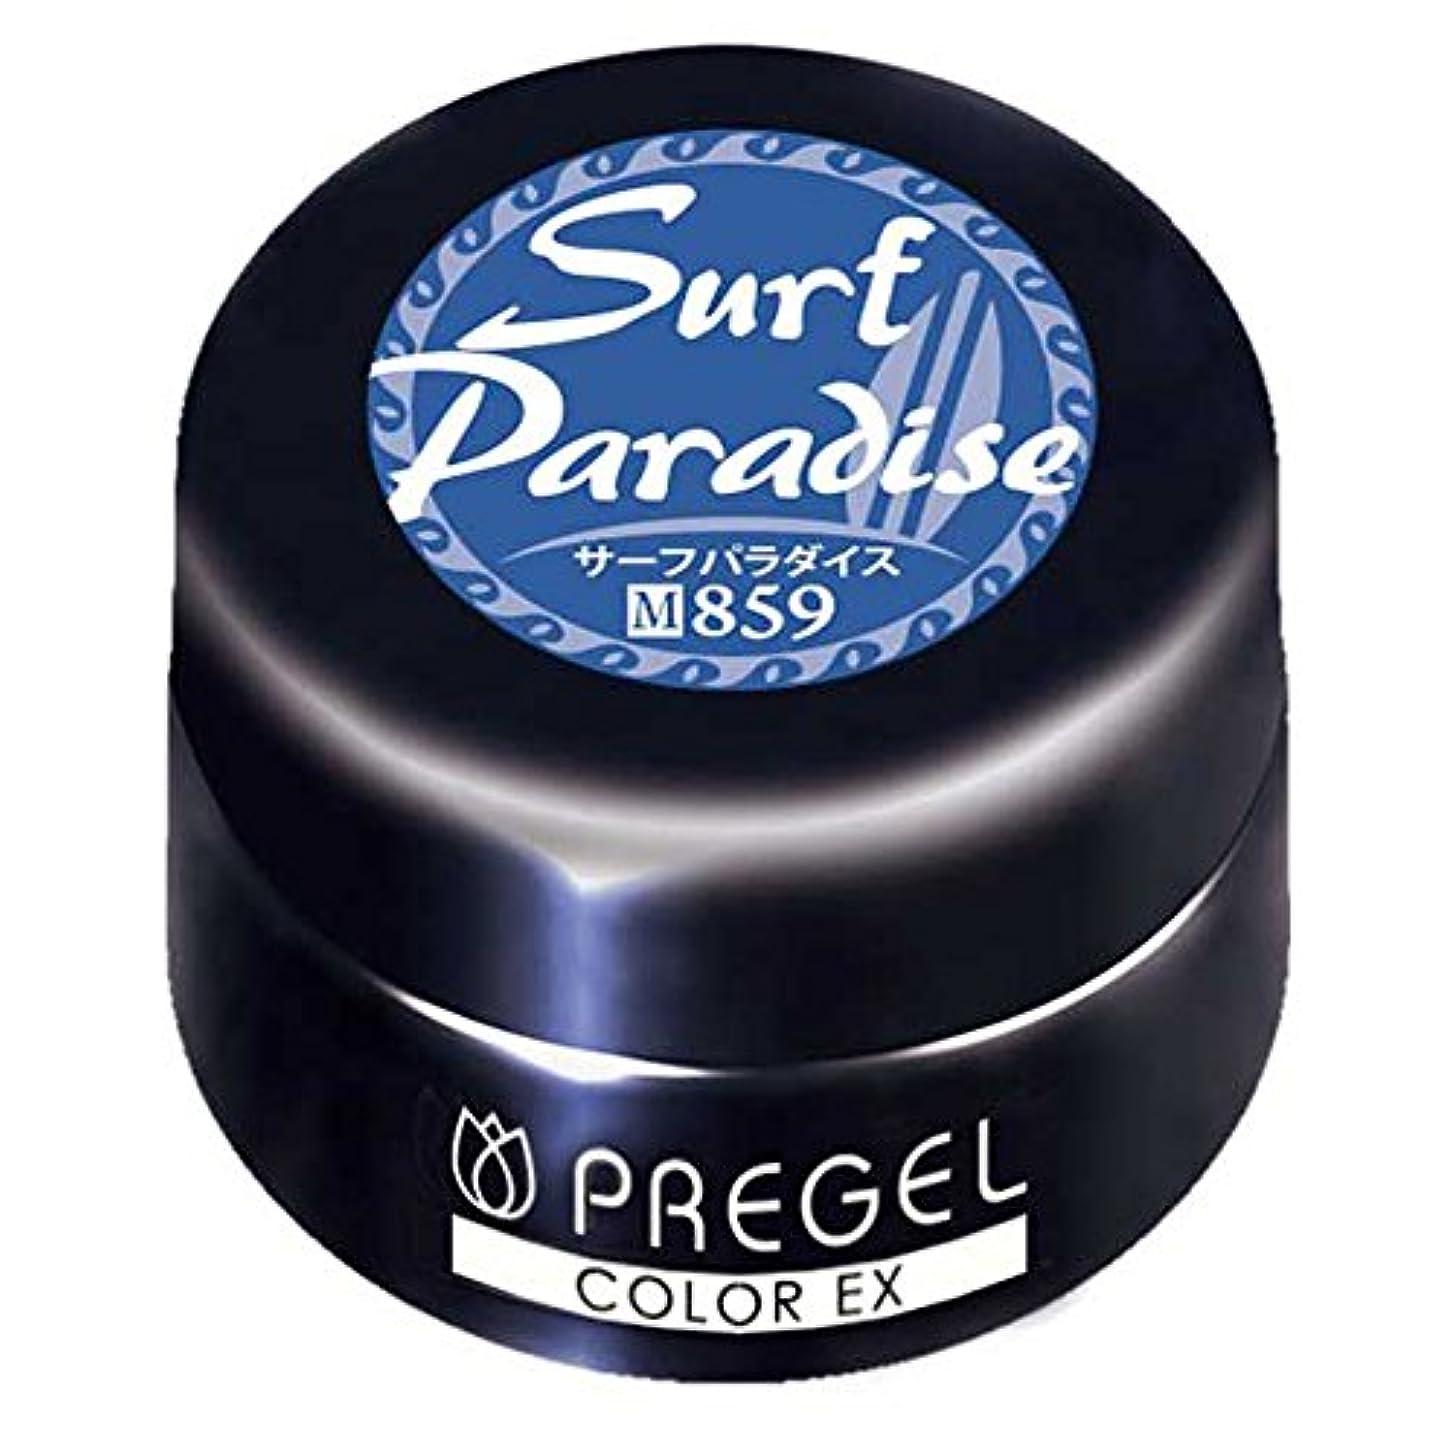 浸した私たち自身嘆願PRE GEL カラーEX サーフパラダイス 859 3g UV/LED対応